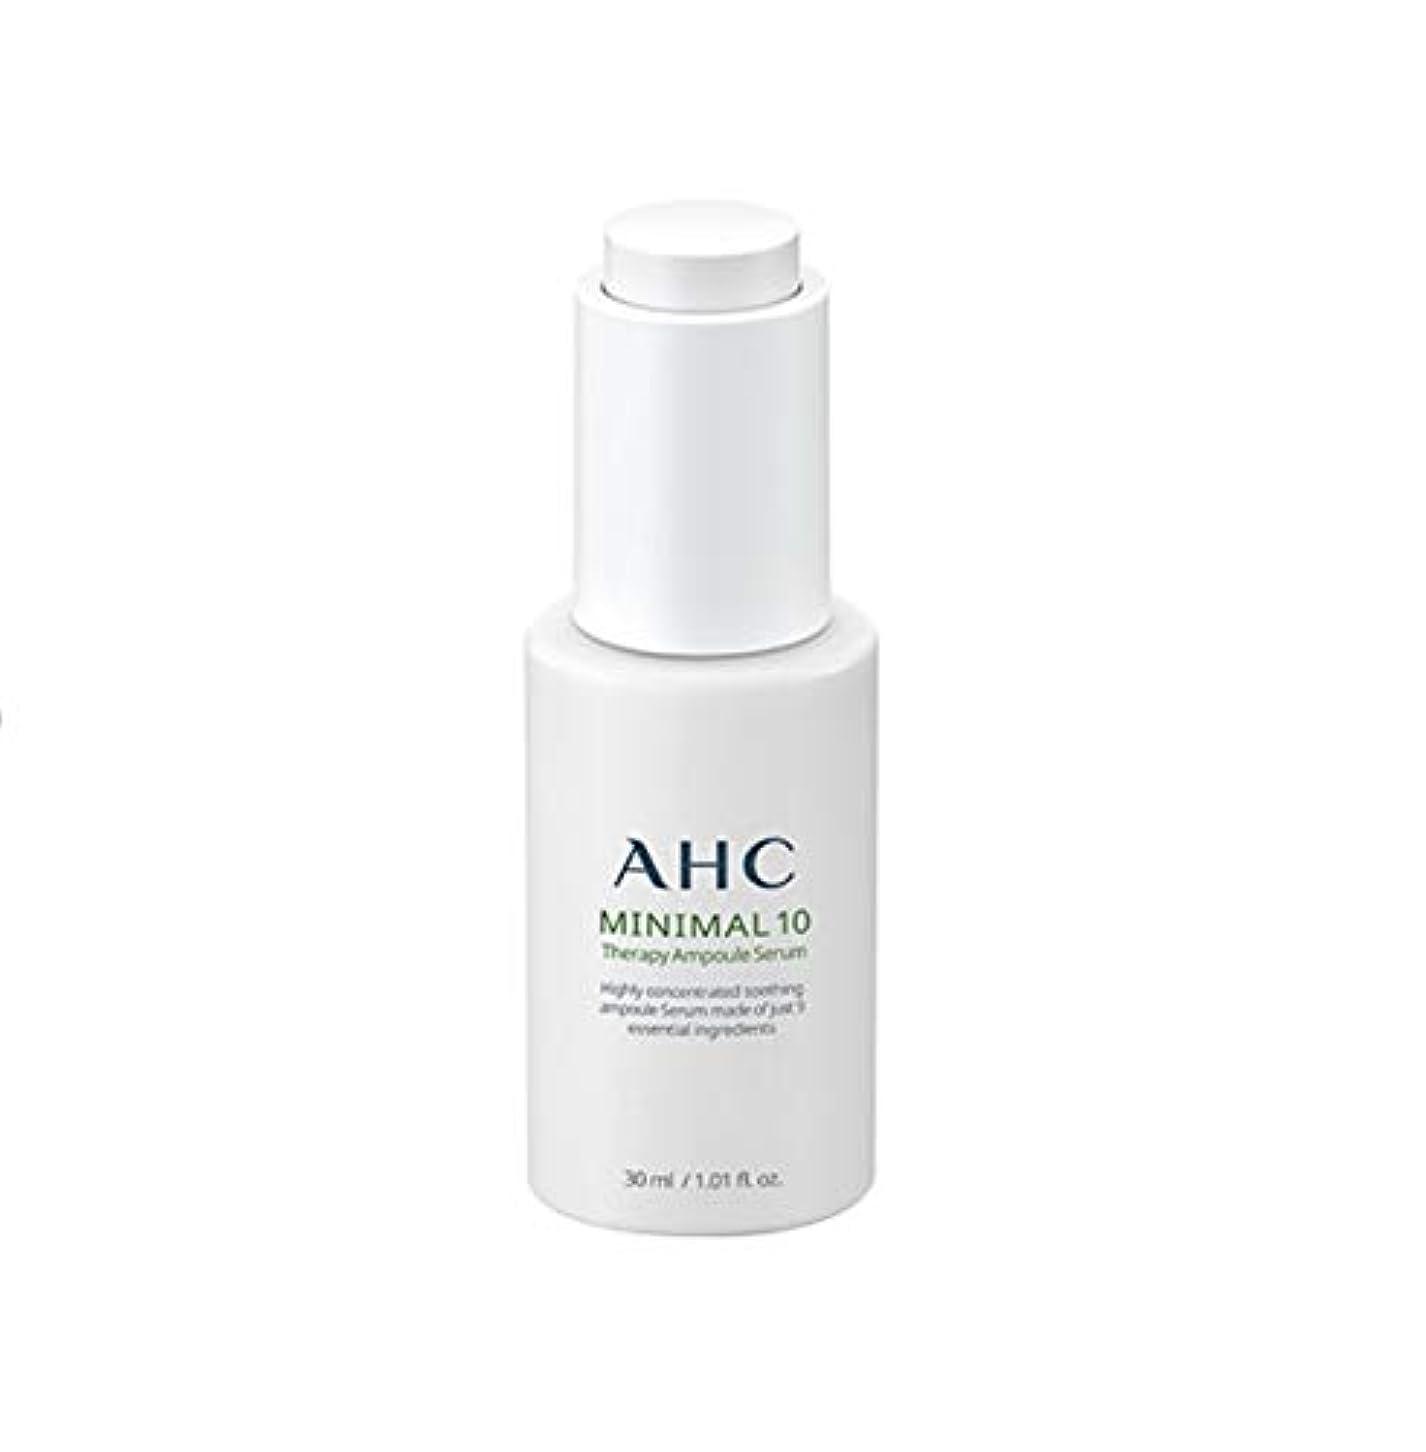 トランペットオーナー溶融AHC ミニマル 10 テラピーアンプルセラム 30ml / AHC MINIMAL 10 THERAPY AMPOULE SERUM 30ml [並行輸入品]